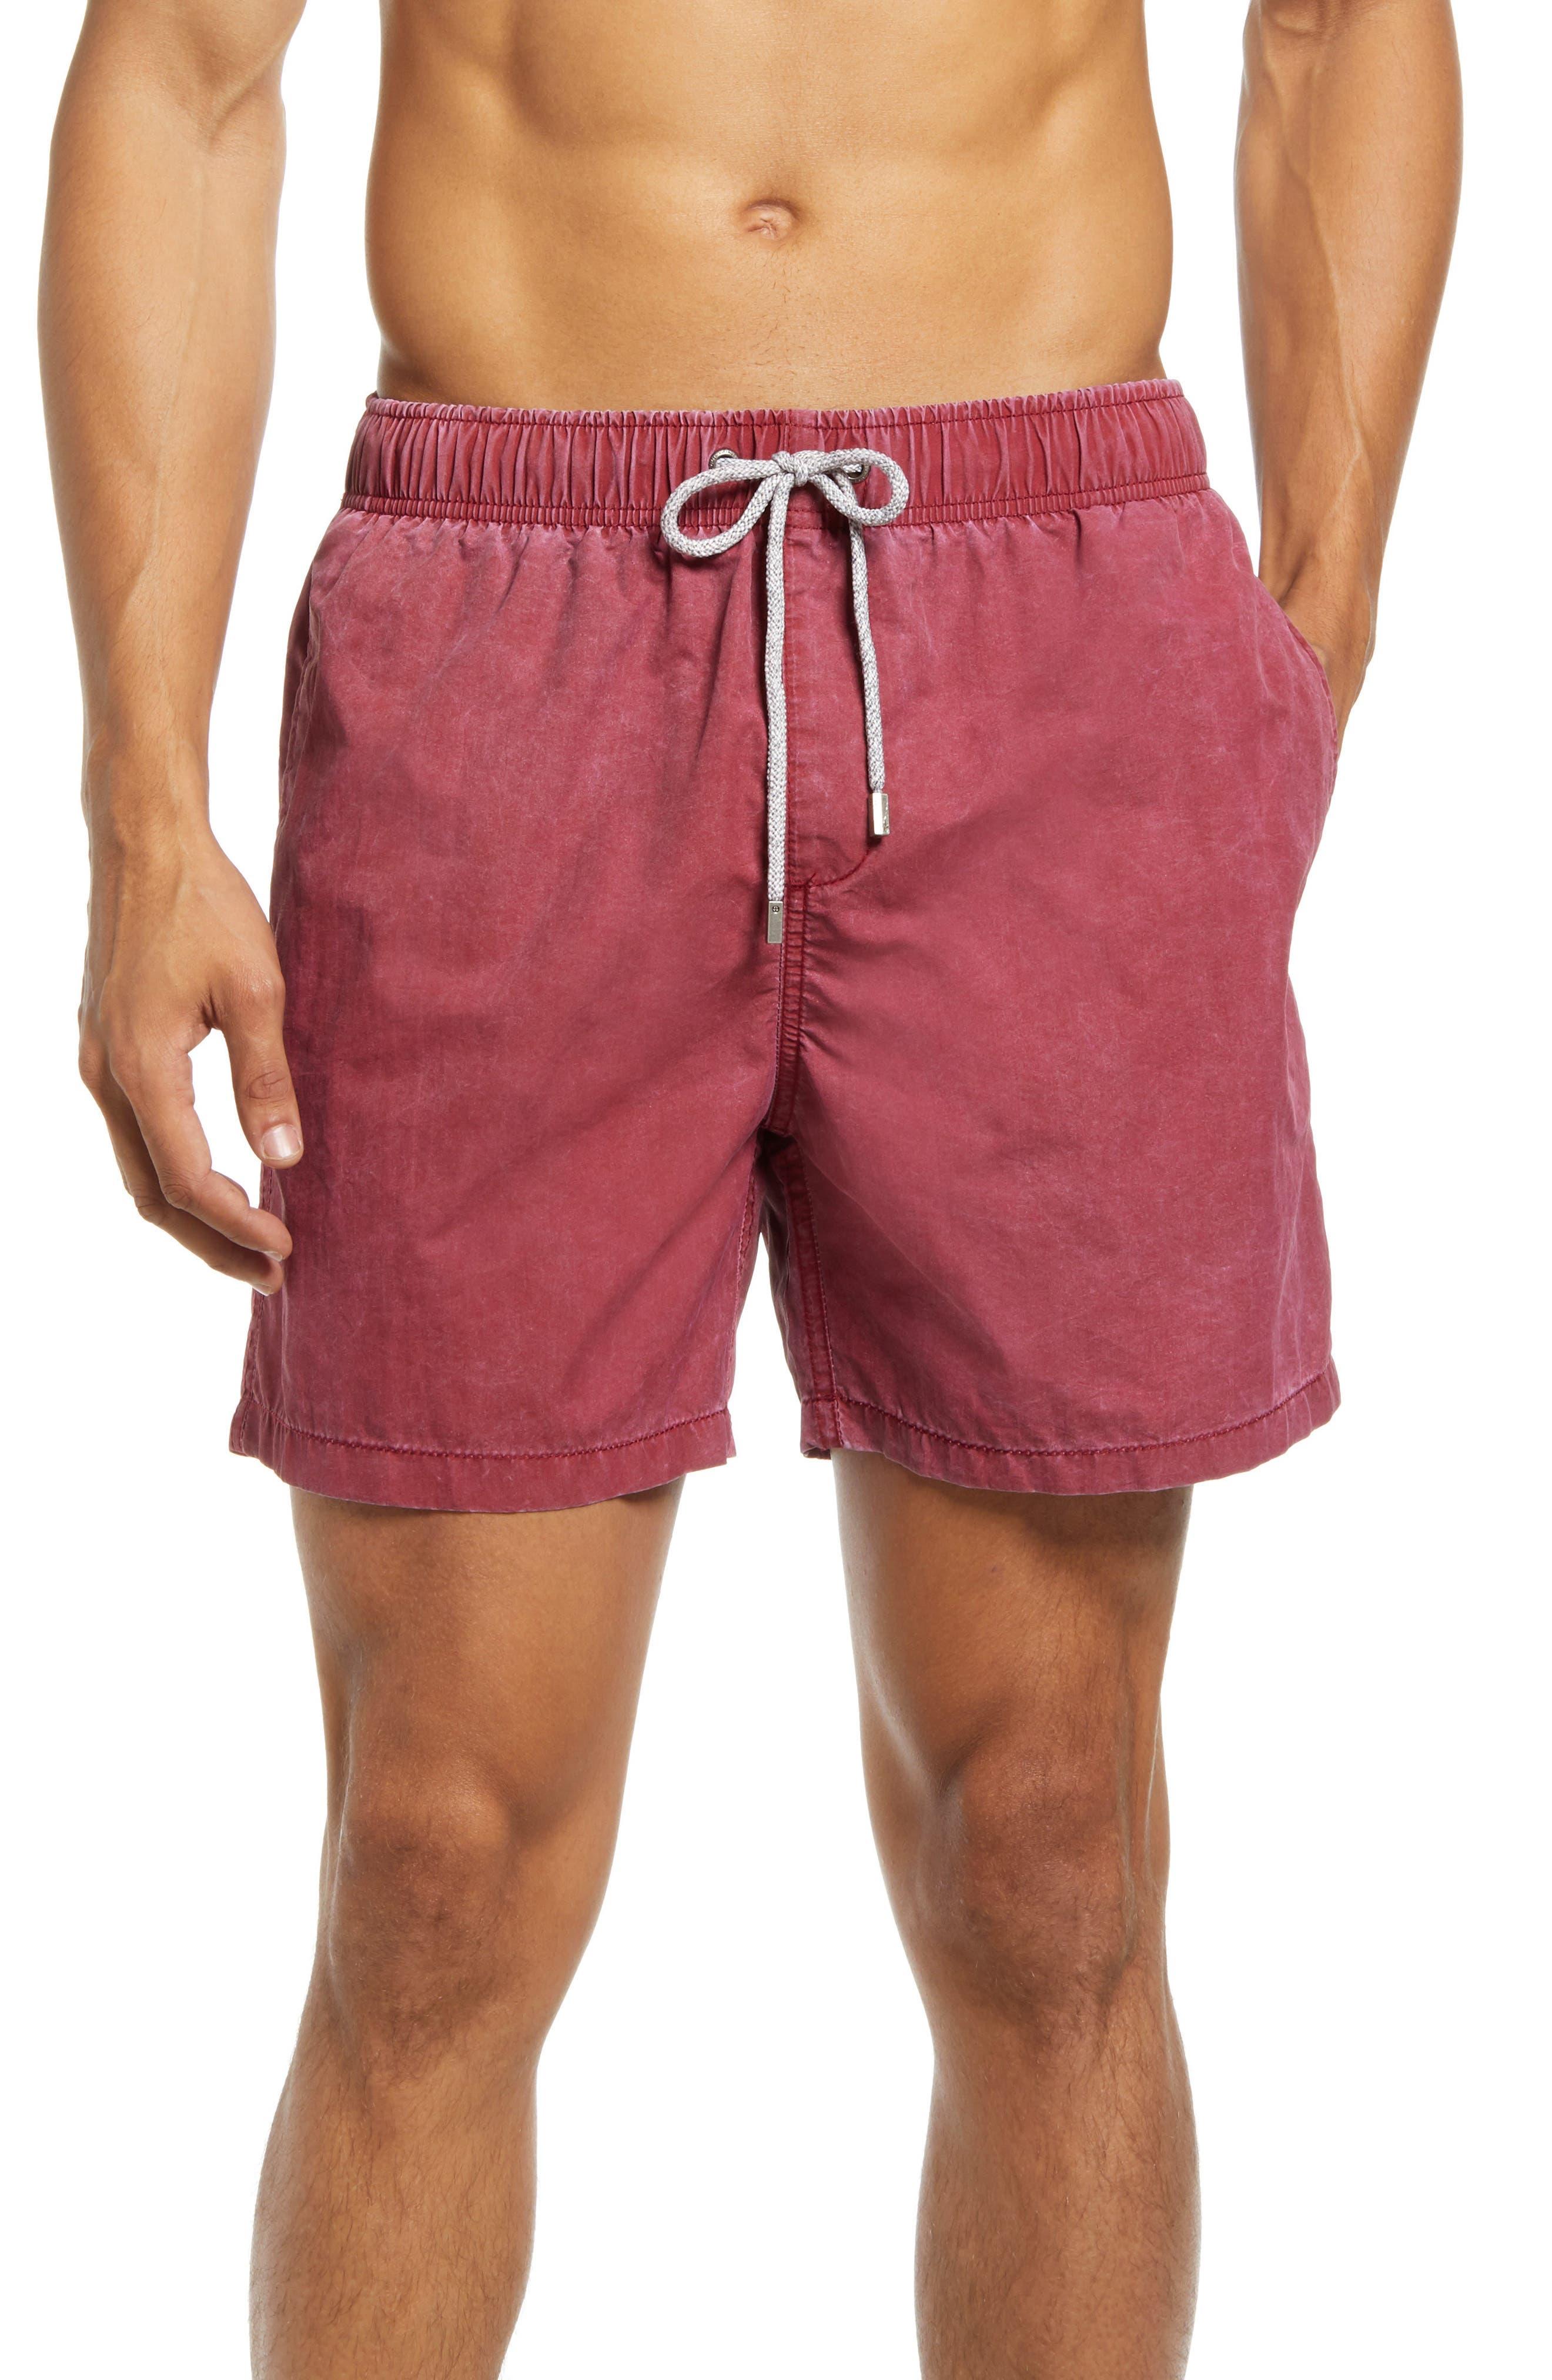 Vintage Men/'s Swimming Trunks Boy Shorts Bathing Suit Unisex Style Swim Shorts